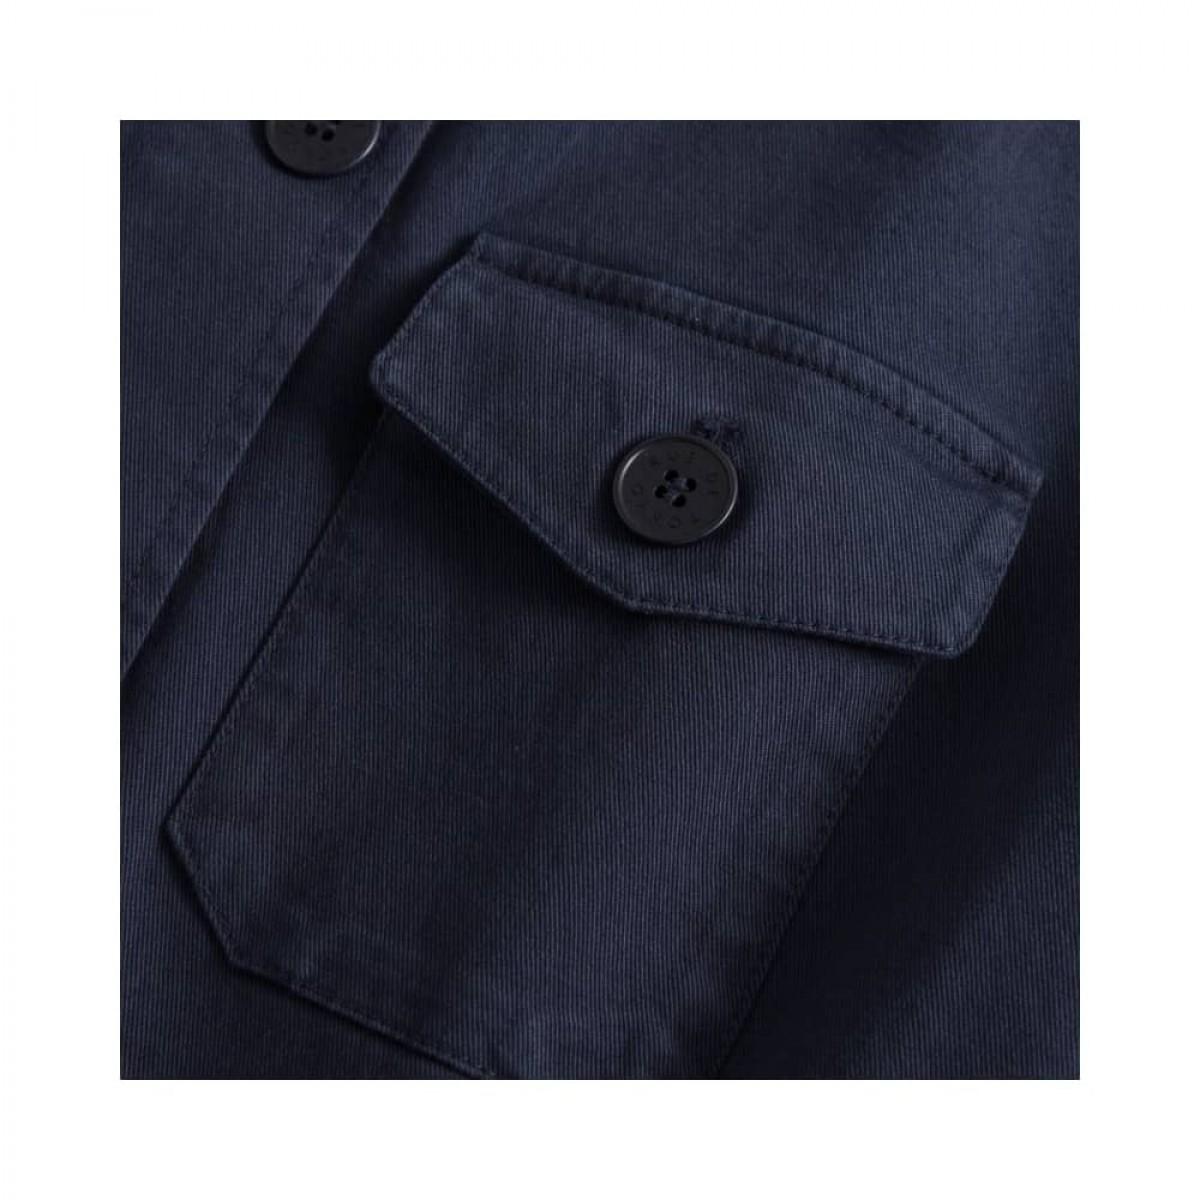 cady workwear jakke - navy - lomme detalje